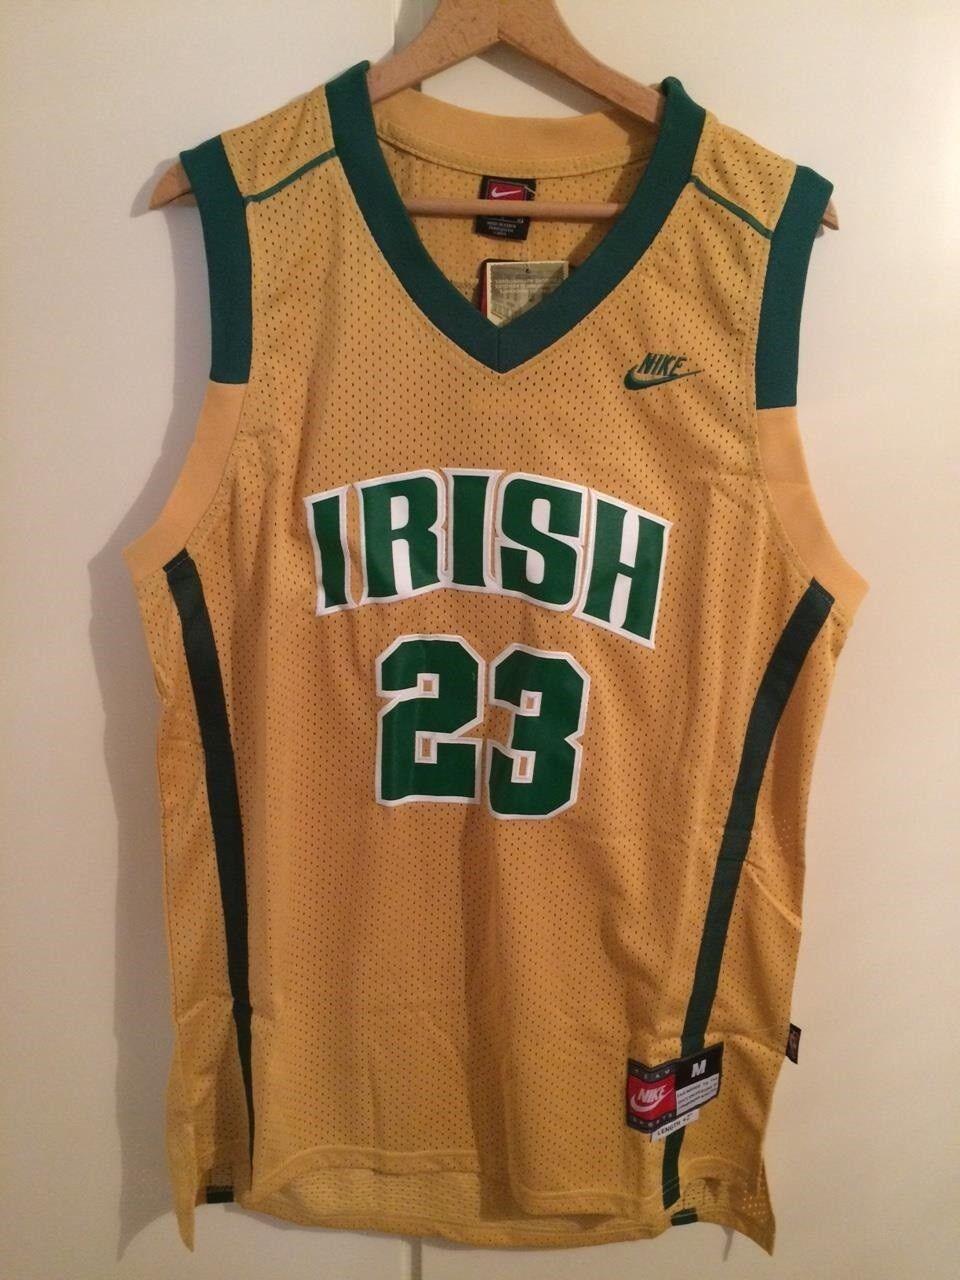 Maglia canotta NBA basket Lebron James Jersey Irish High School New S,M,L,XL,XXL